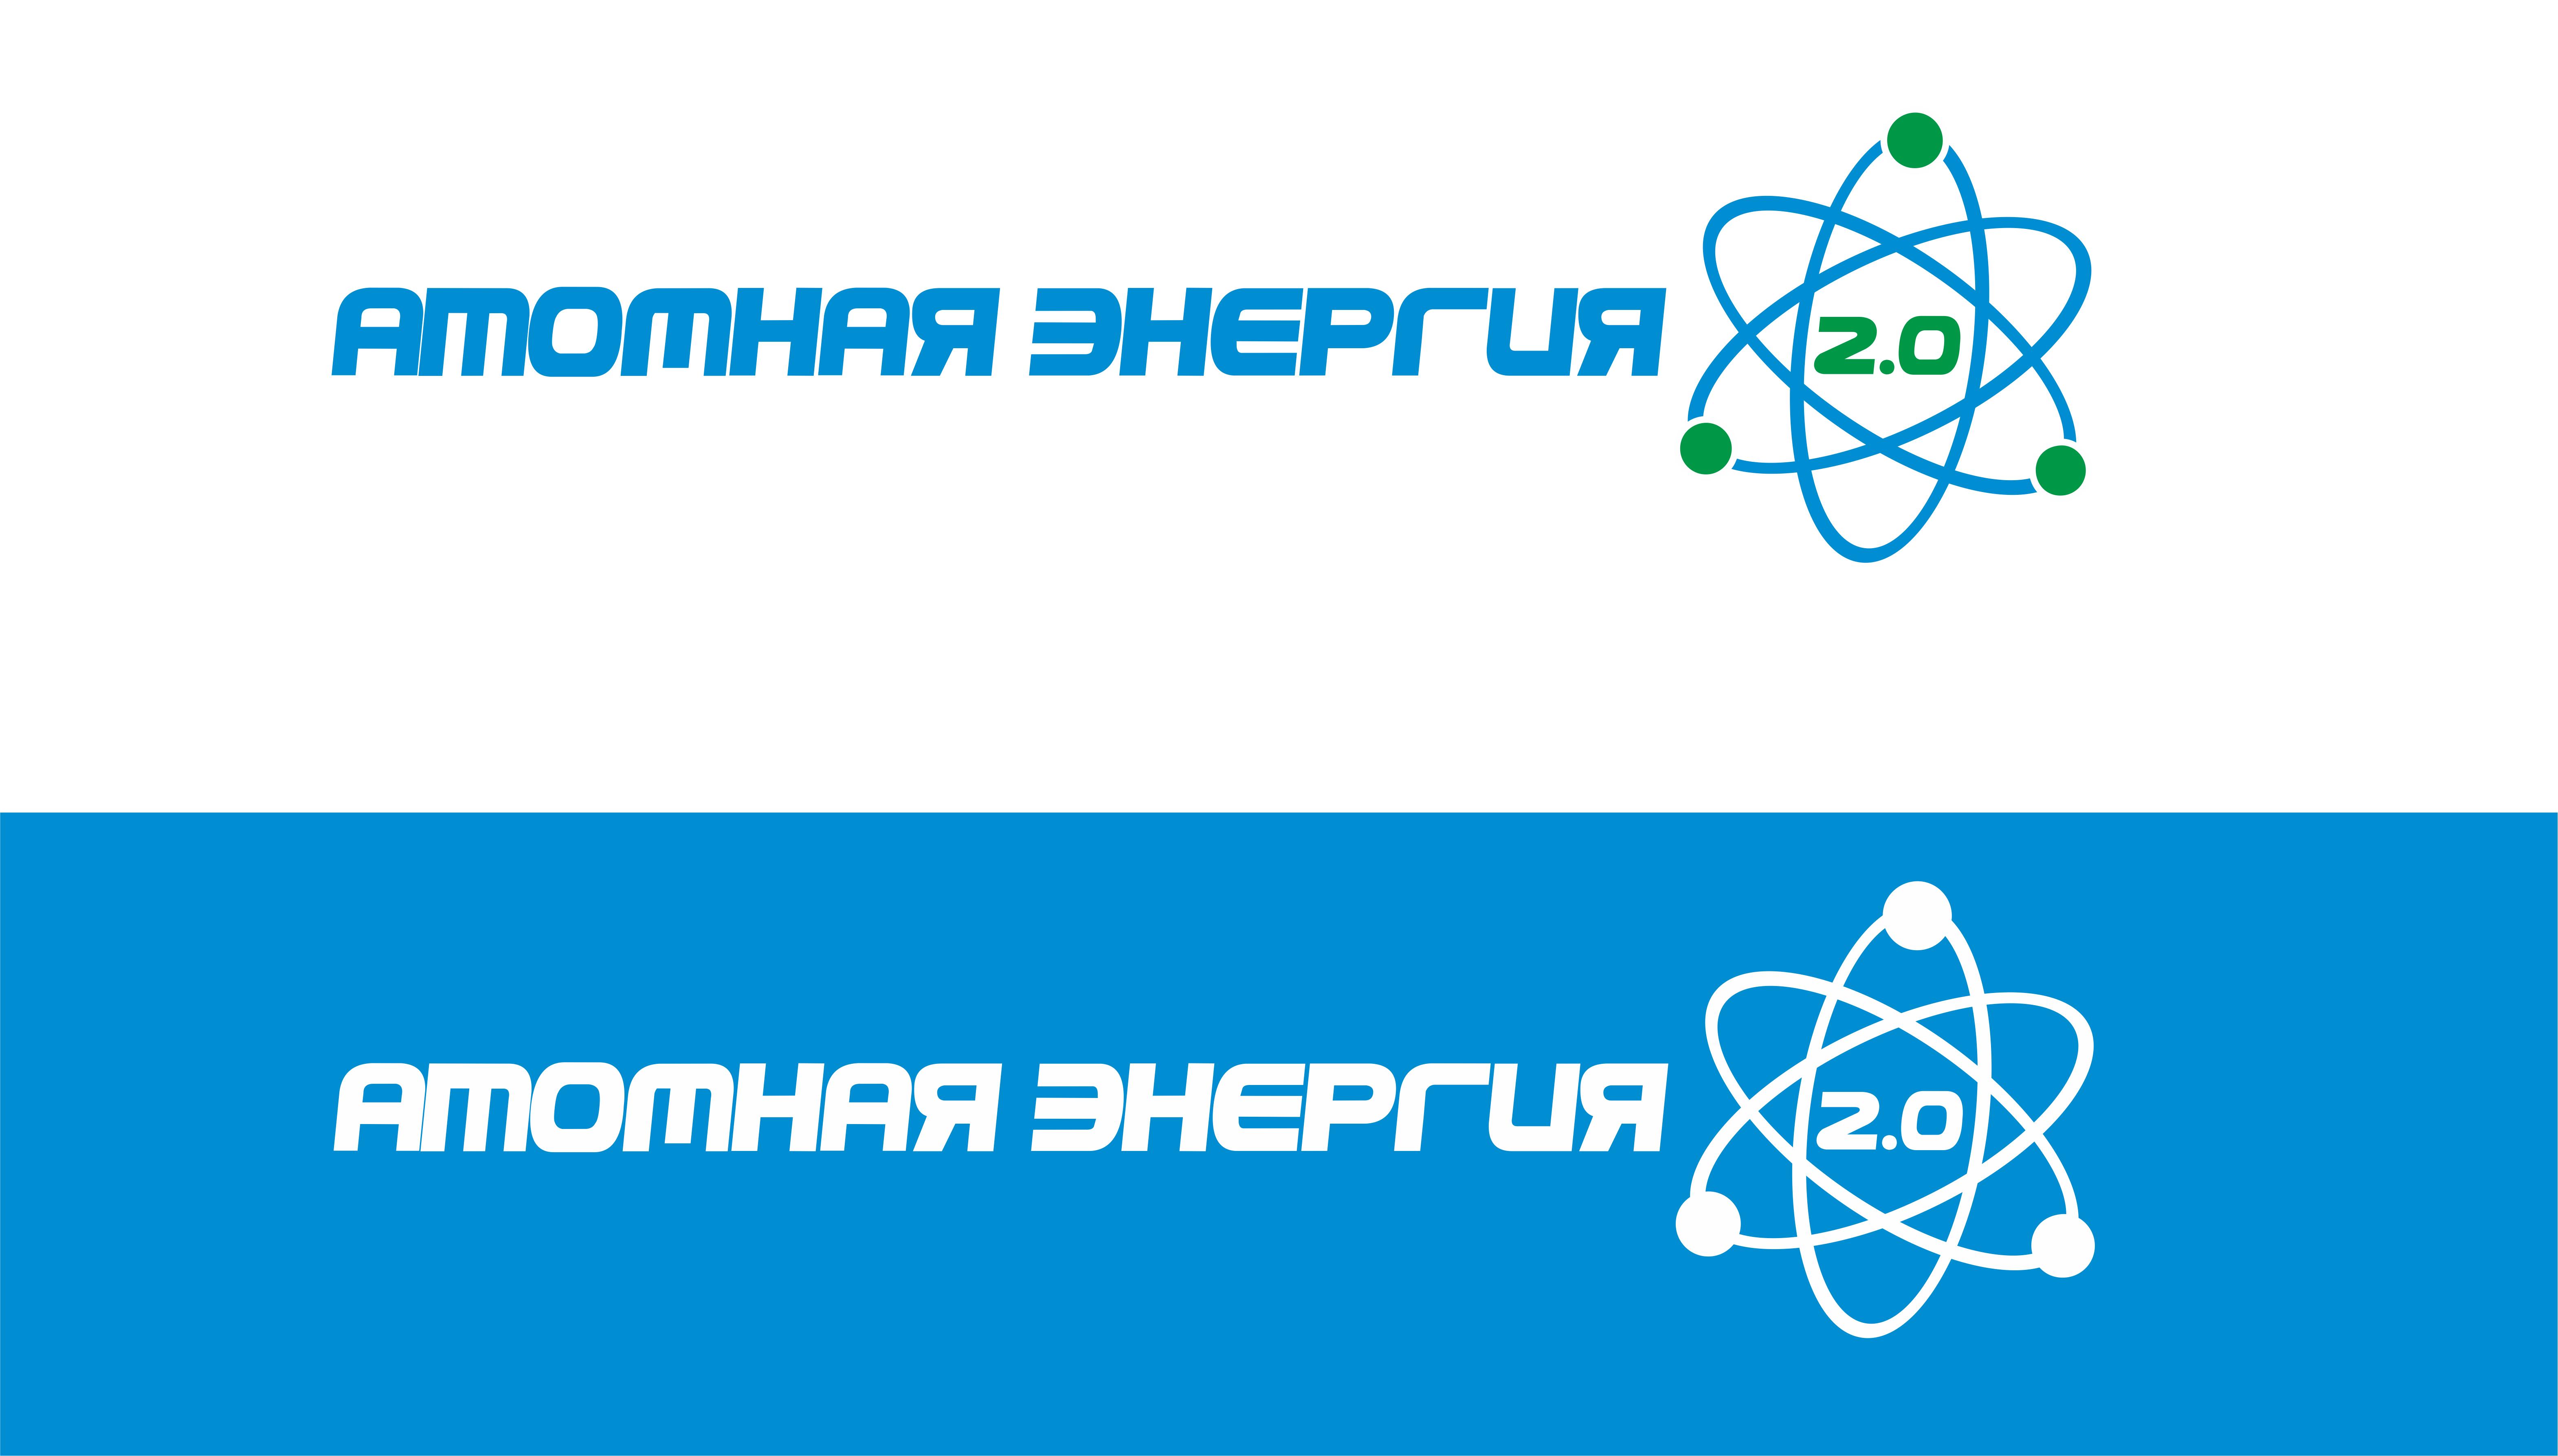 """Фирменный стиль для научного портала """"Атомная энергия 2.0"""" фото f_66759e1d1e44846f.jpg"""